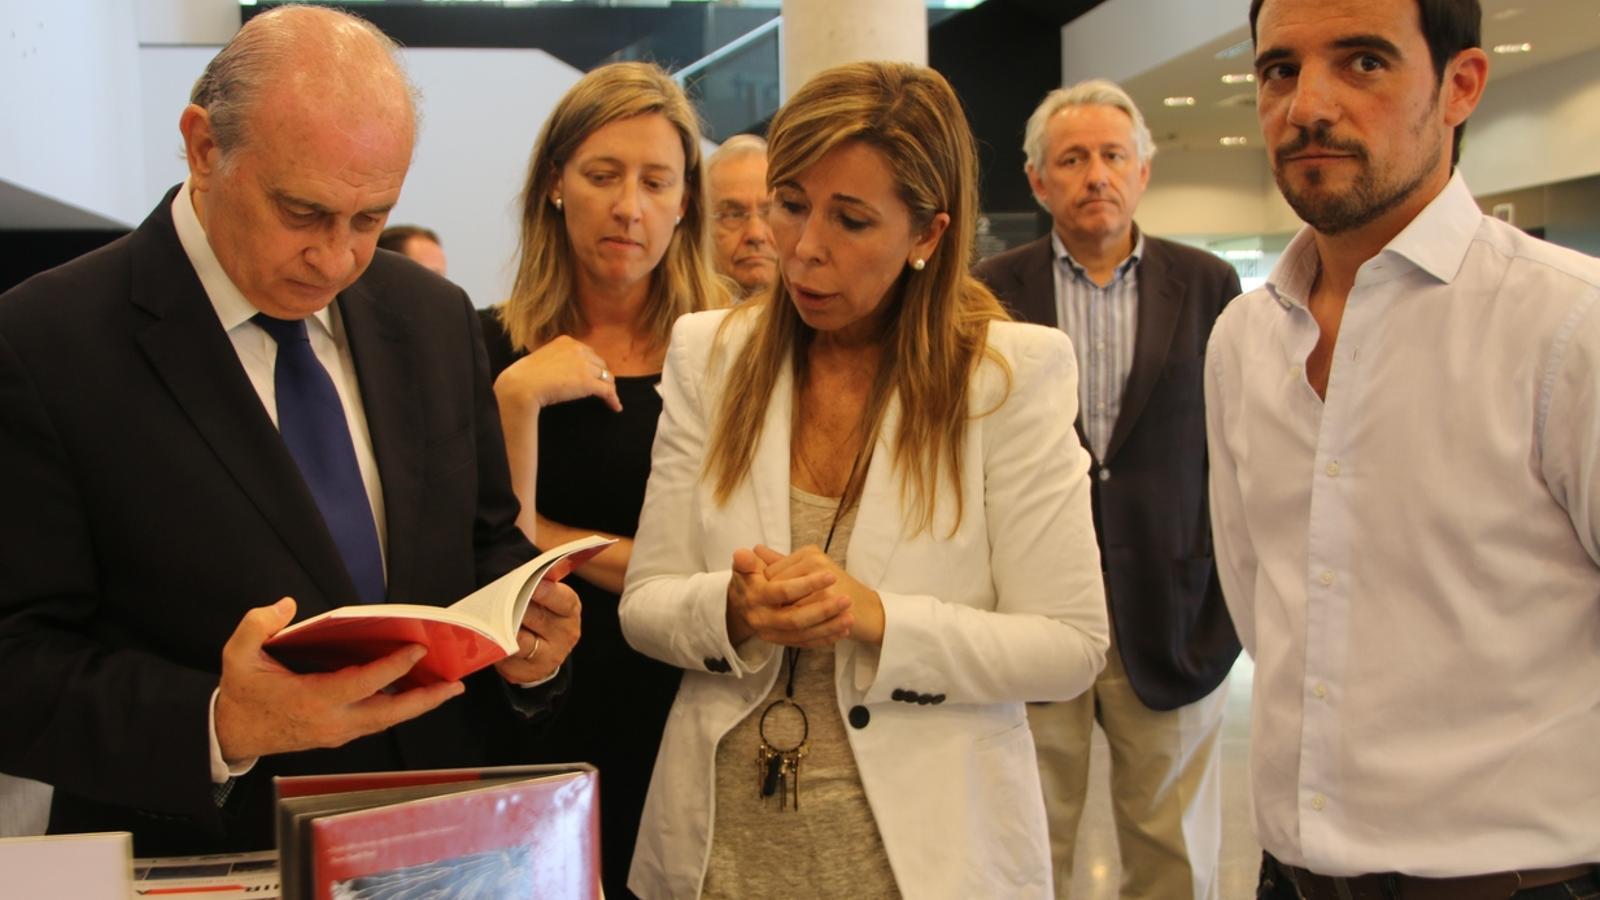 Jorge fern ndez d az al rescat un ministre al servei de for Ministre interior